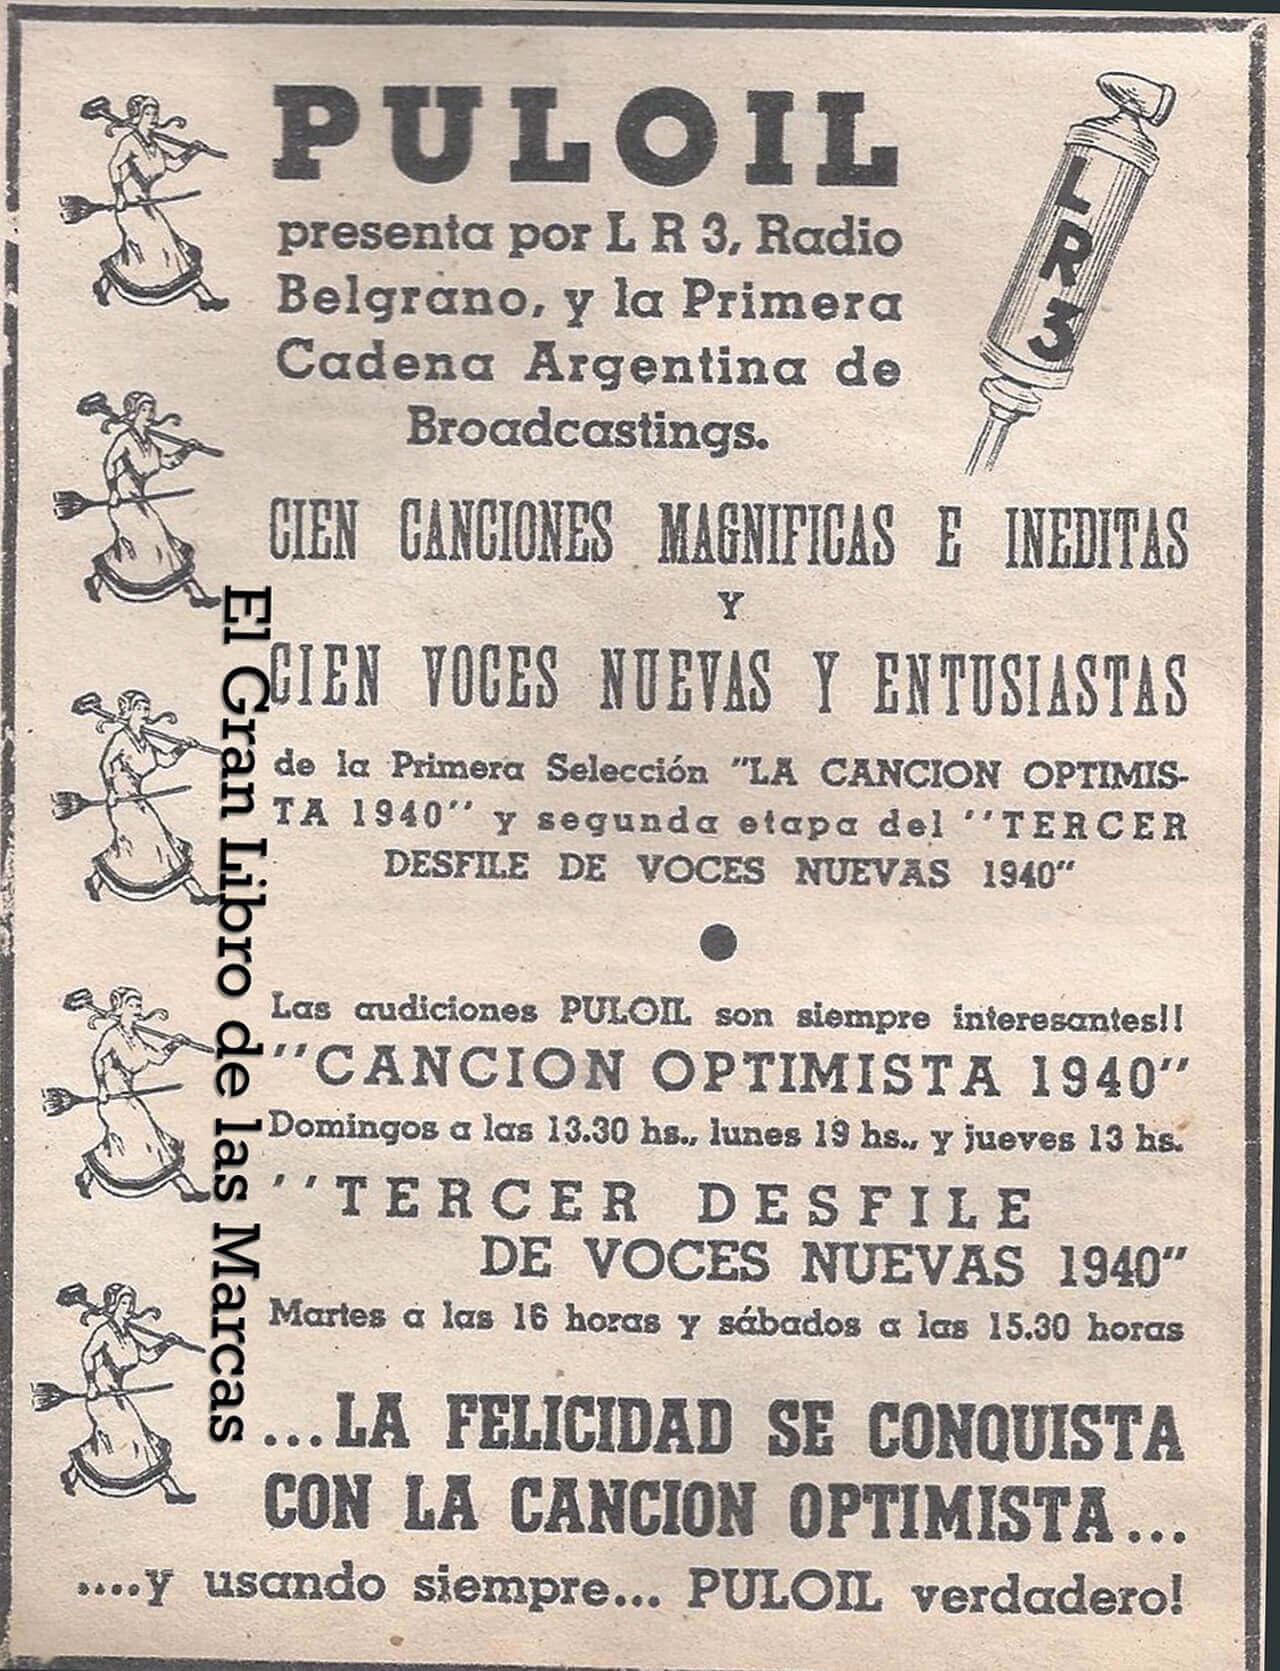 Anuncio de 1940 sobre un programa en LR3 Radio Belgrano